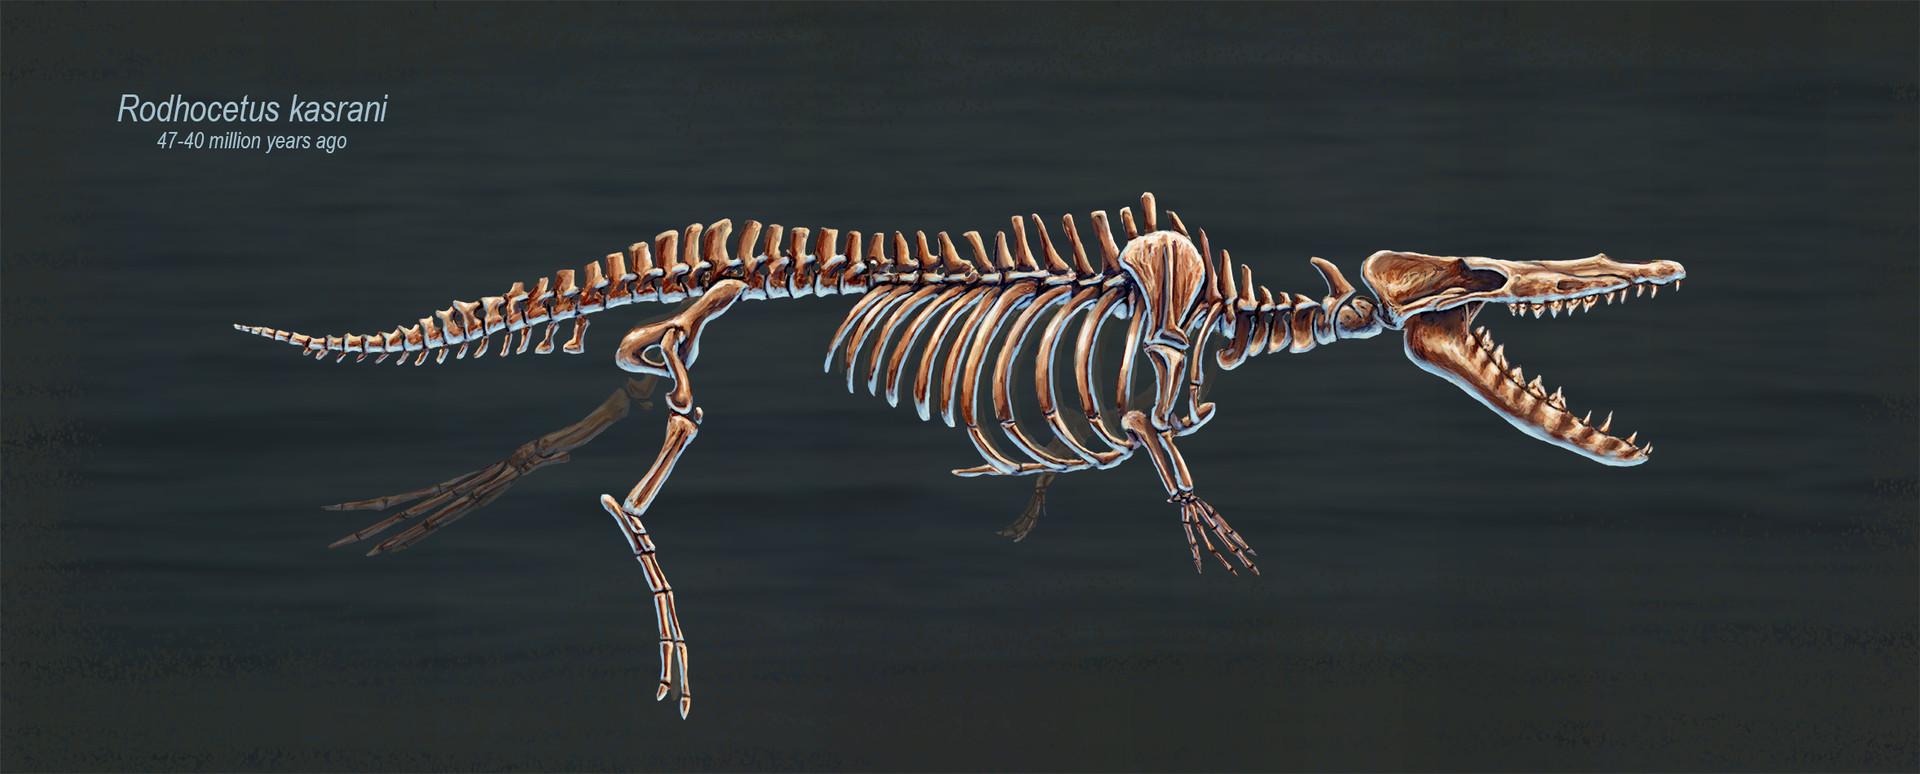 ArtStation - Rodhocetus Kasrani Skeletal Study, Rushelle ...